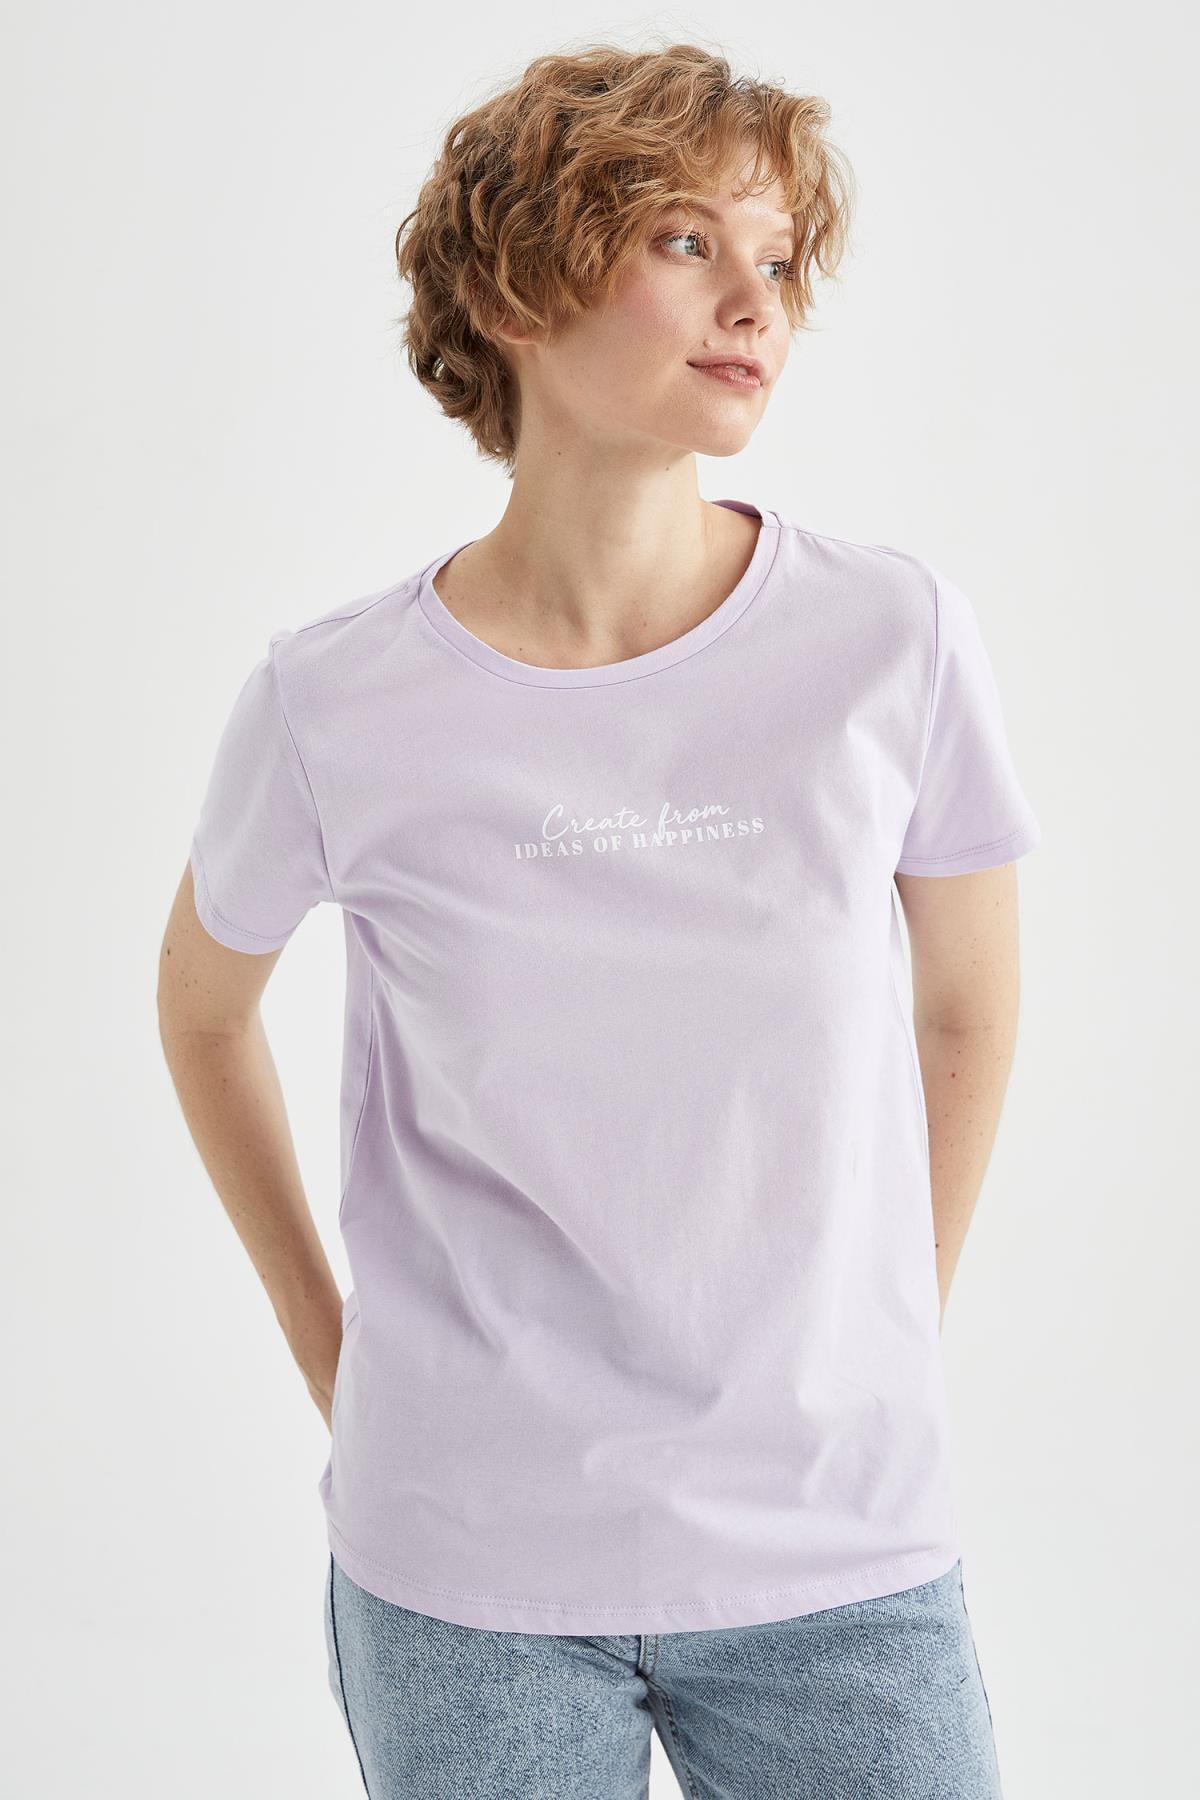 Slogan Baskılı Kısa Kollu Pamuklu Oversize Fit Tişört